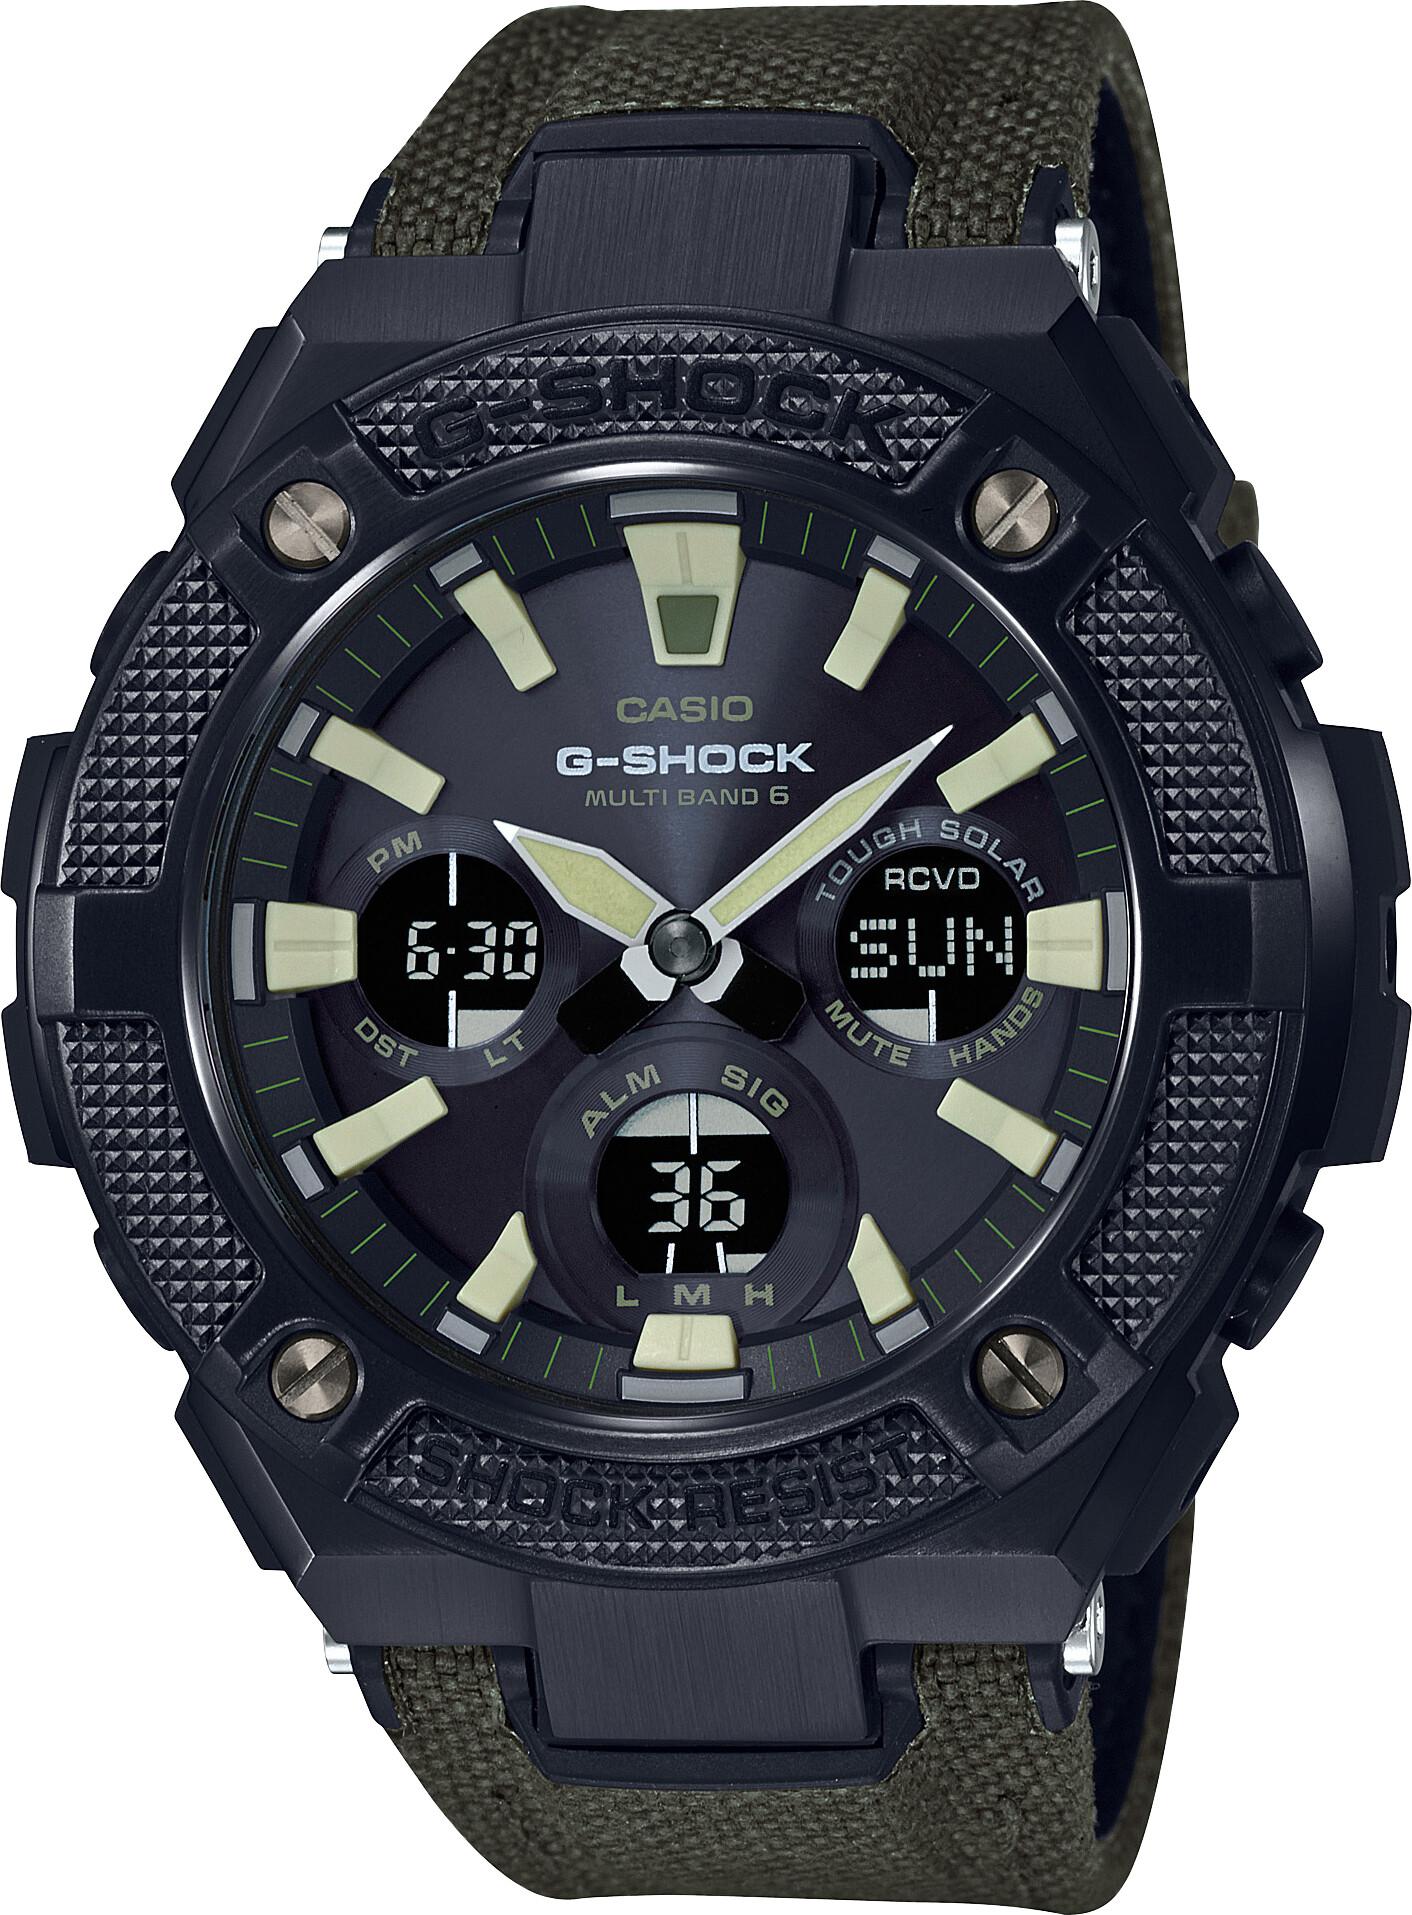 CASIO G-SHOCK GST-W130BC-1A3ER Watch Men, green black/grey chrom   Sports watches